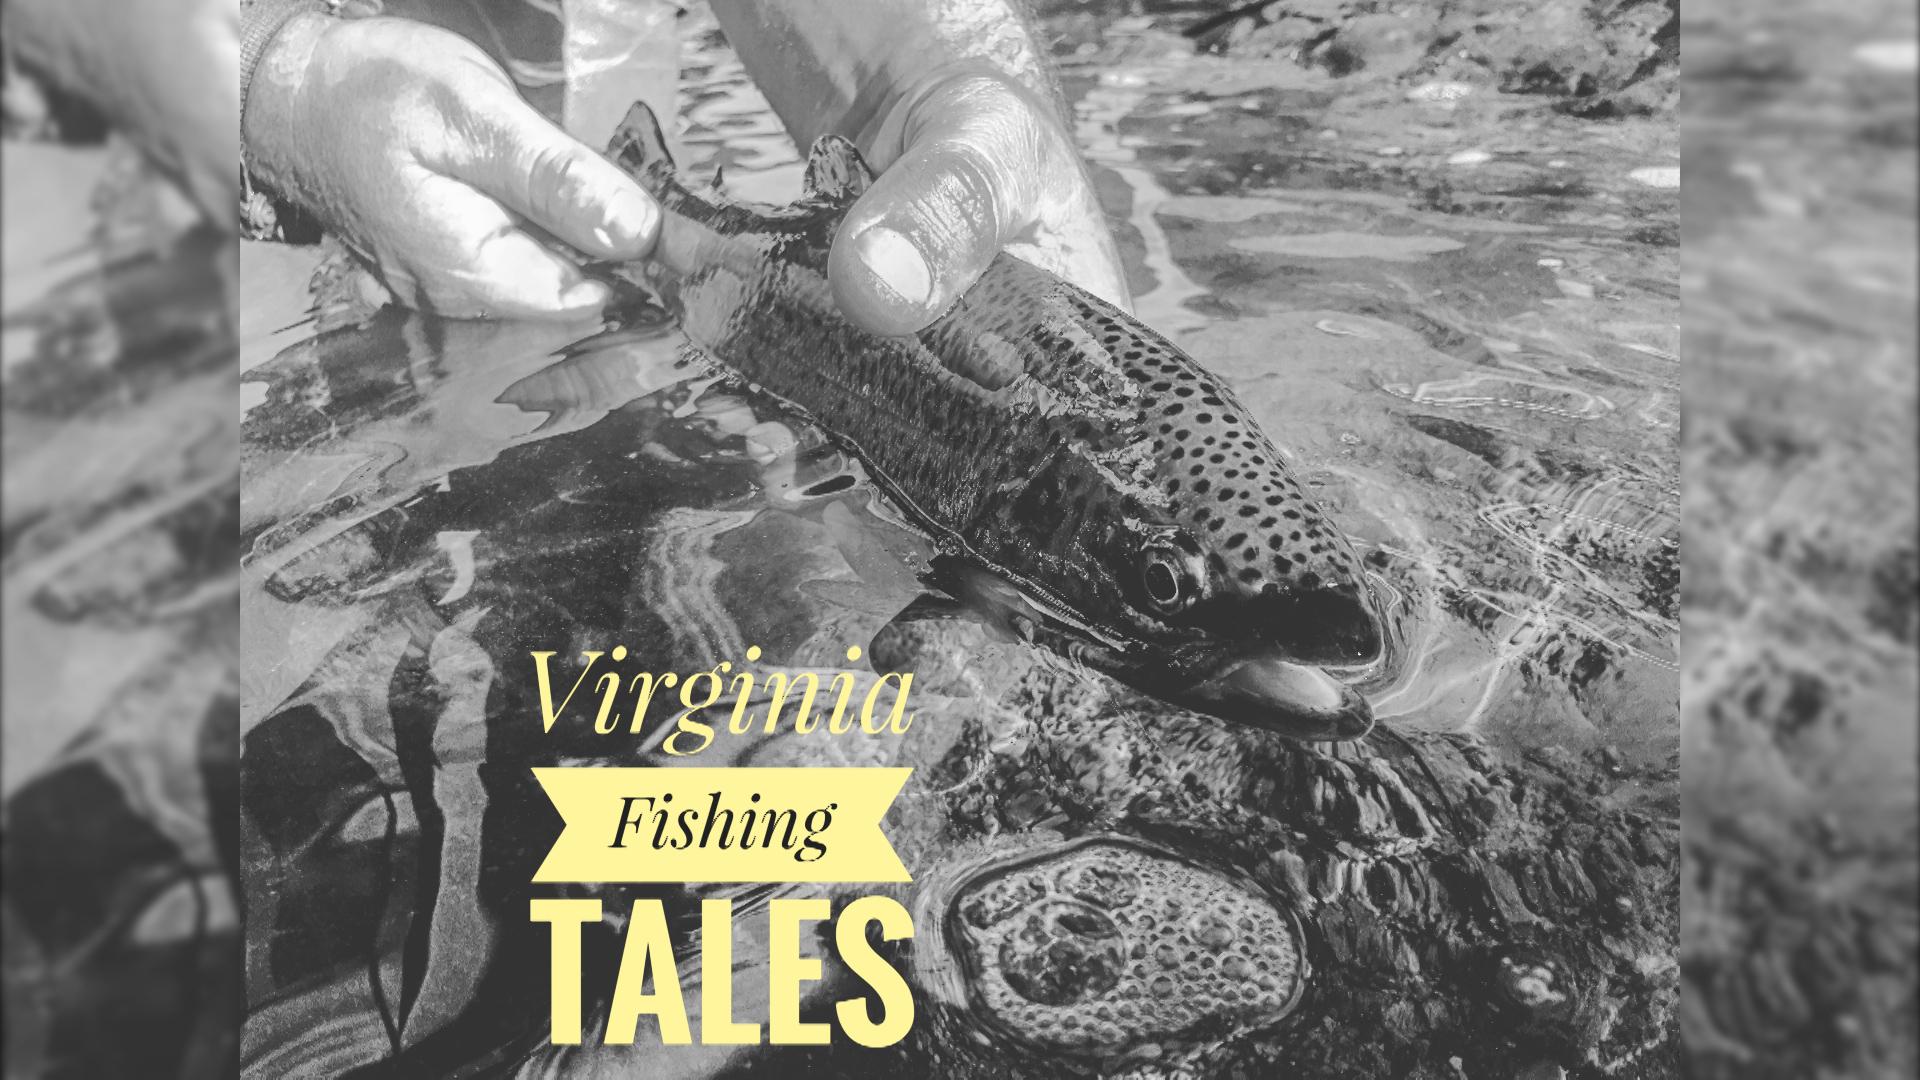 Virginia Fishing Tales_1511983350952.jpg